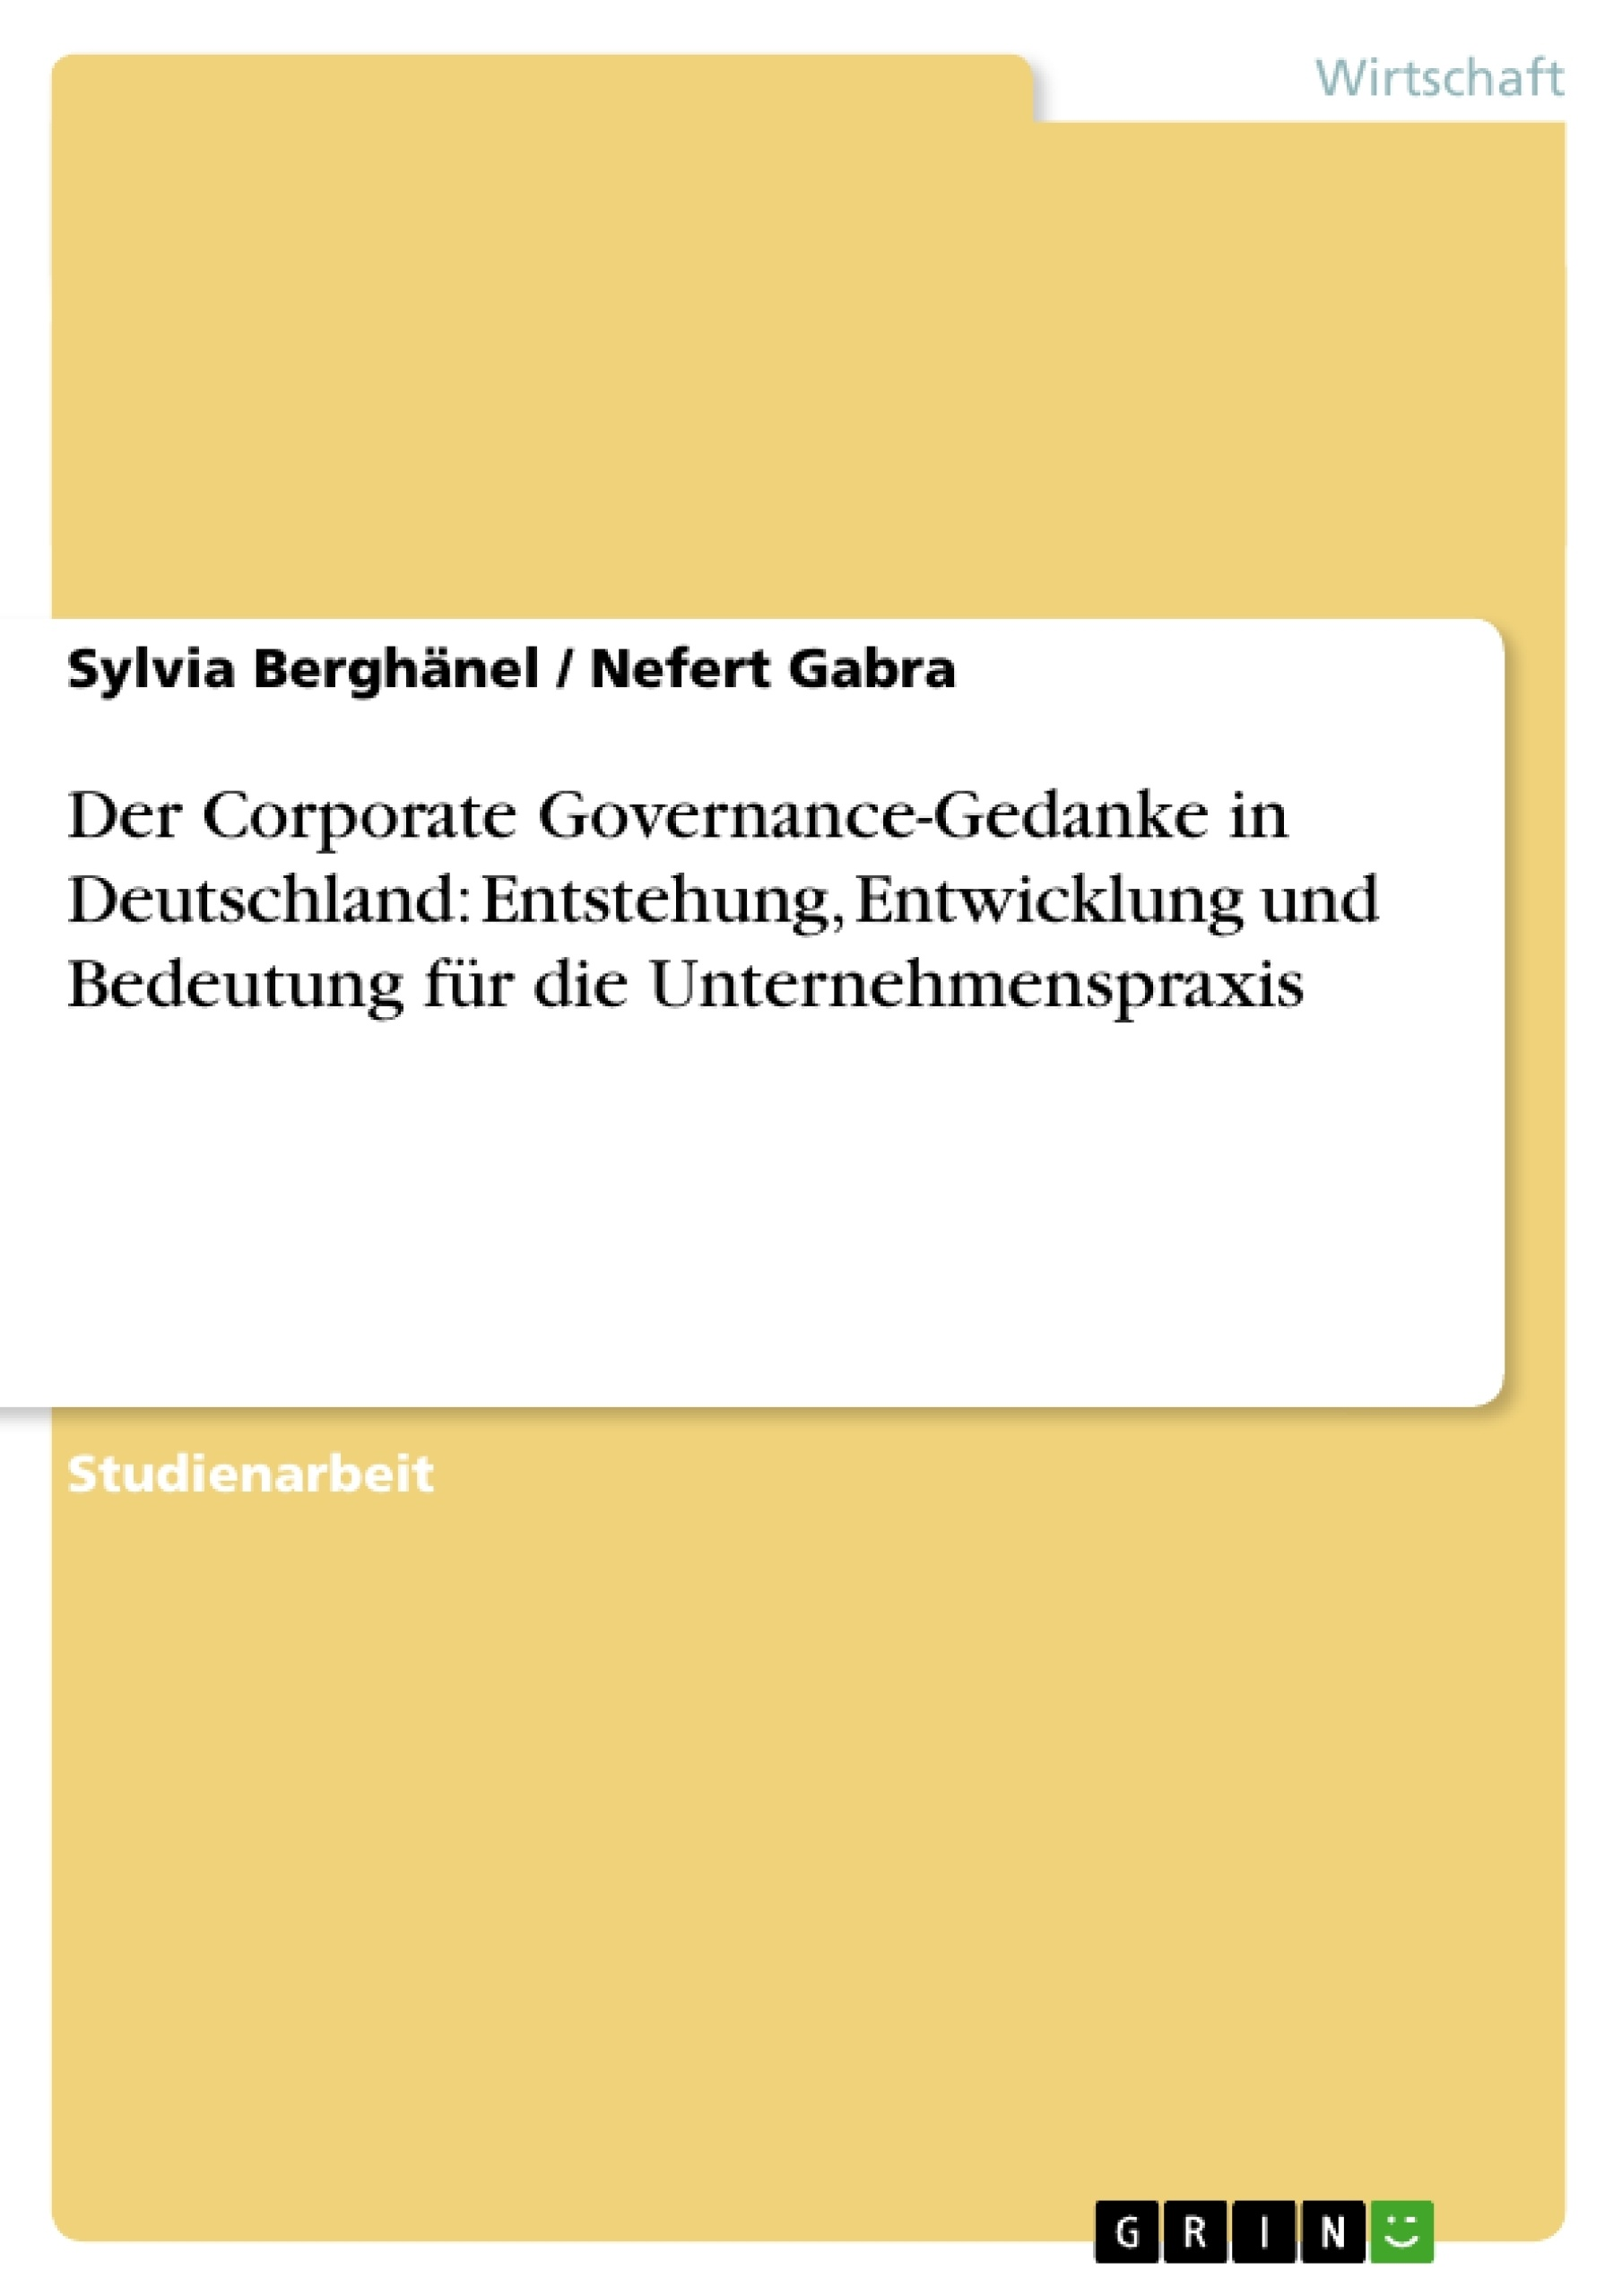 Titel: Der Corporate Governance-Gedanke in Deutschland: Entstehung, Entwicklung und Bedeutung für die Unternehmenspraxis